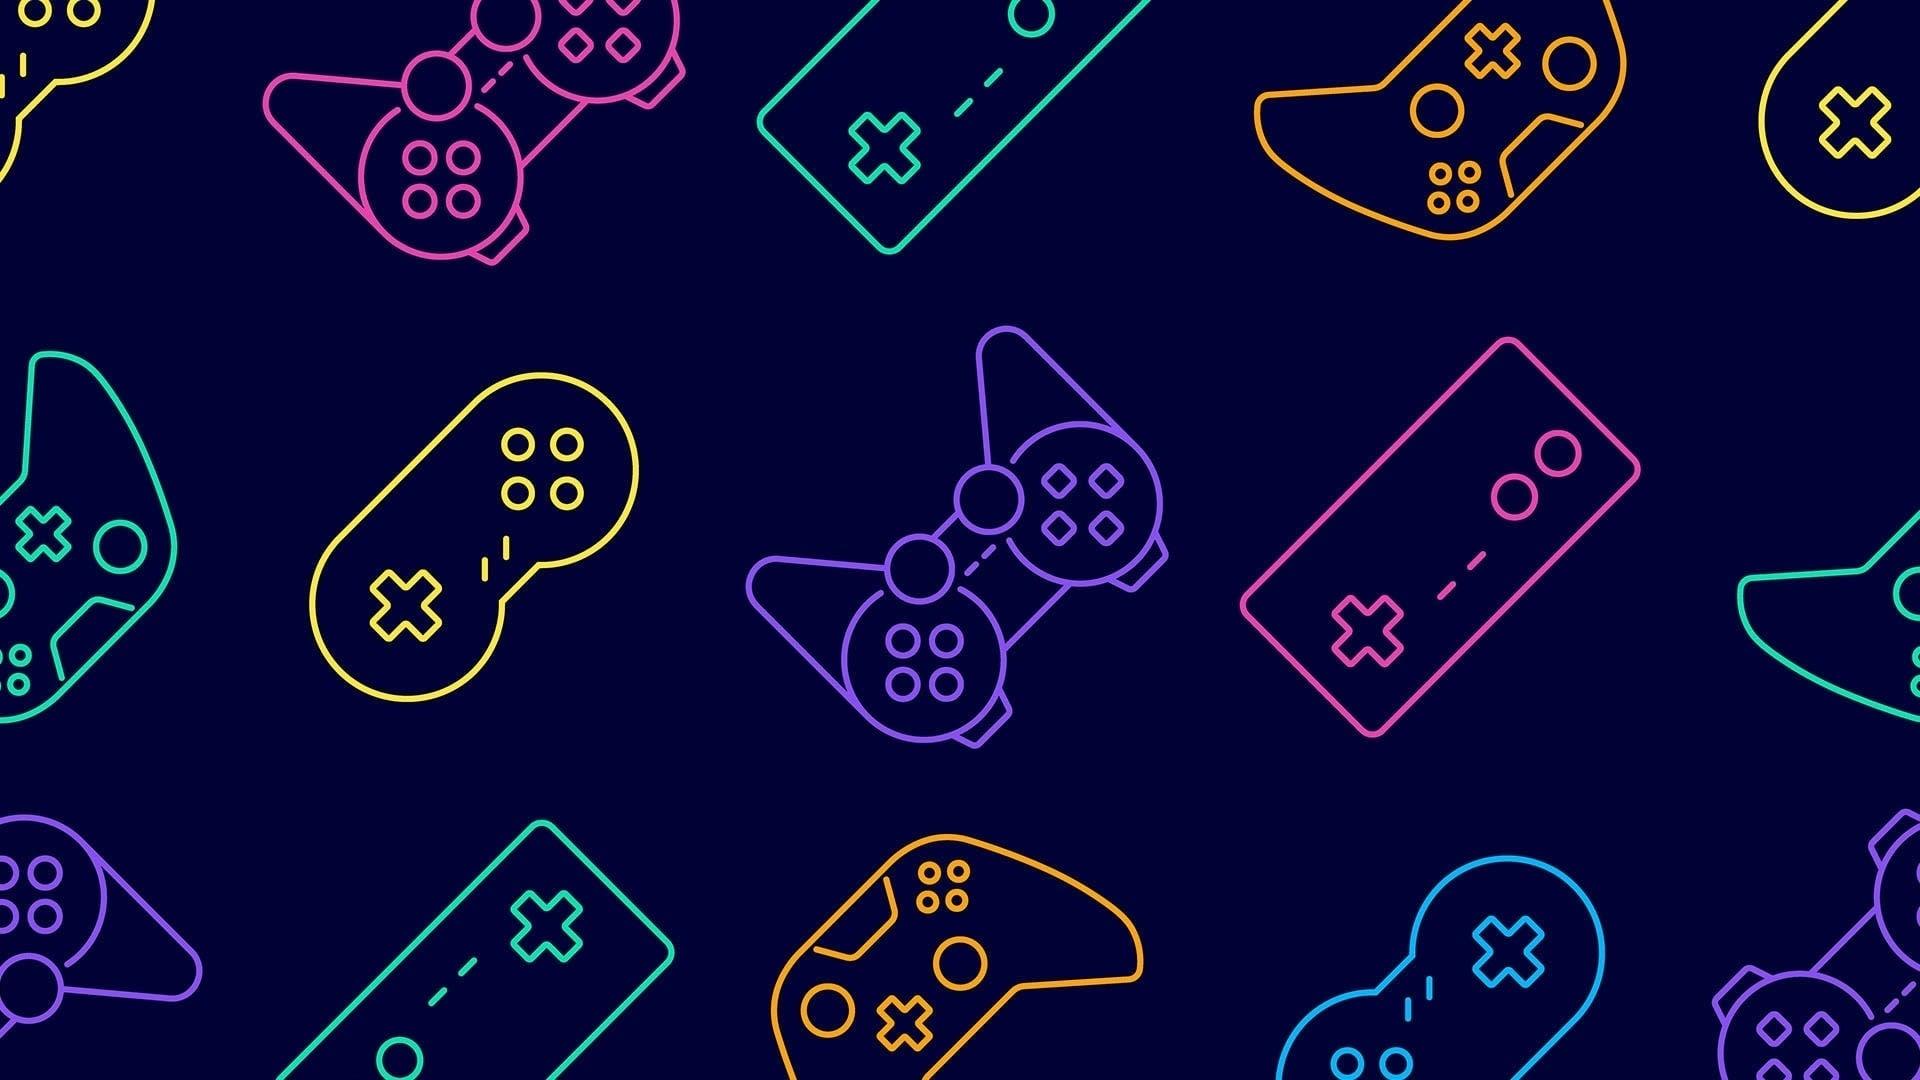 Nasce un nuovo studio di sviluppo di videogiochi italiano: ecco Supernova Games Studios